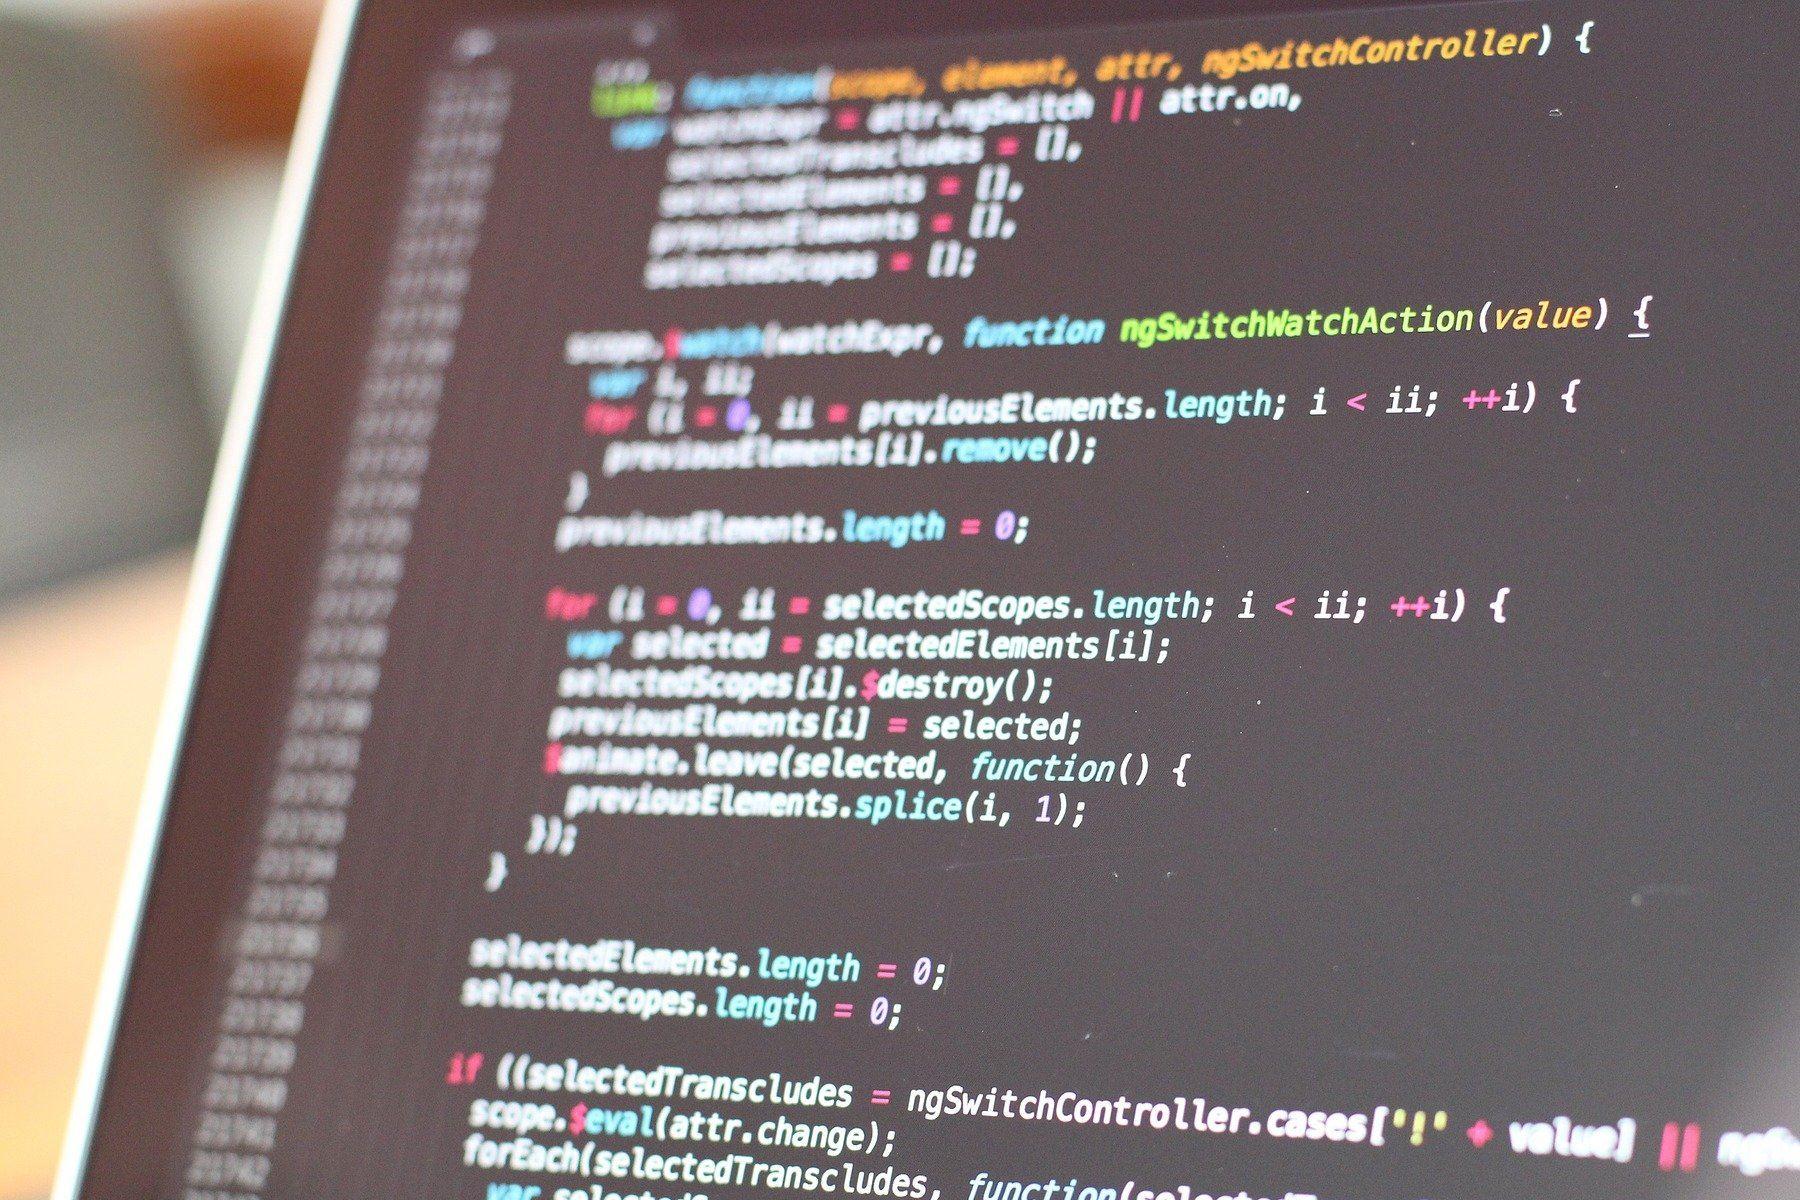 Anfrage | Hackerangriff auf den Bildungsserver blikk.it